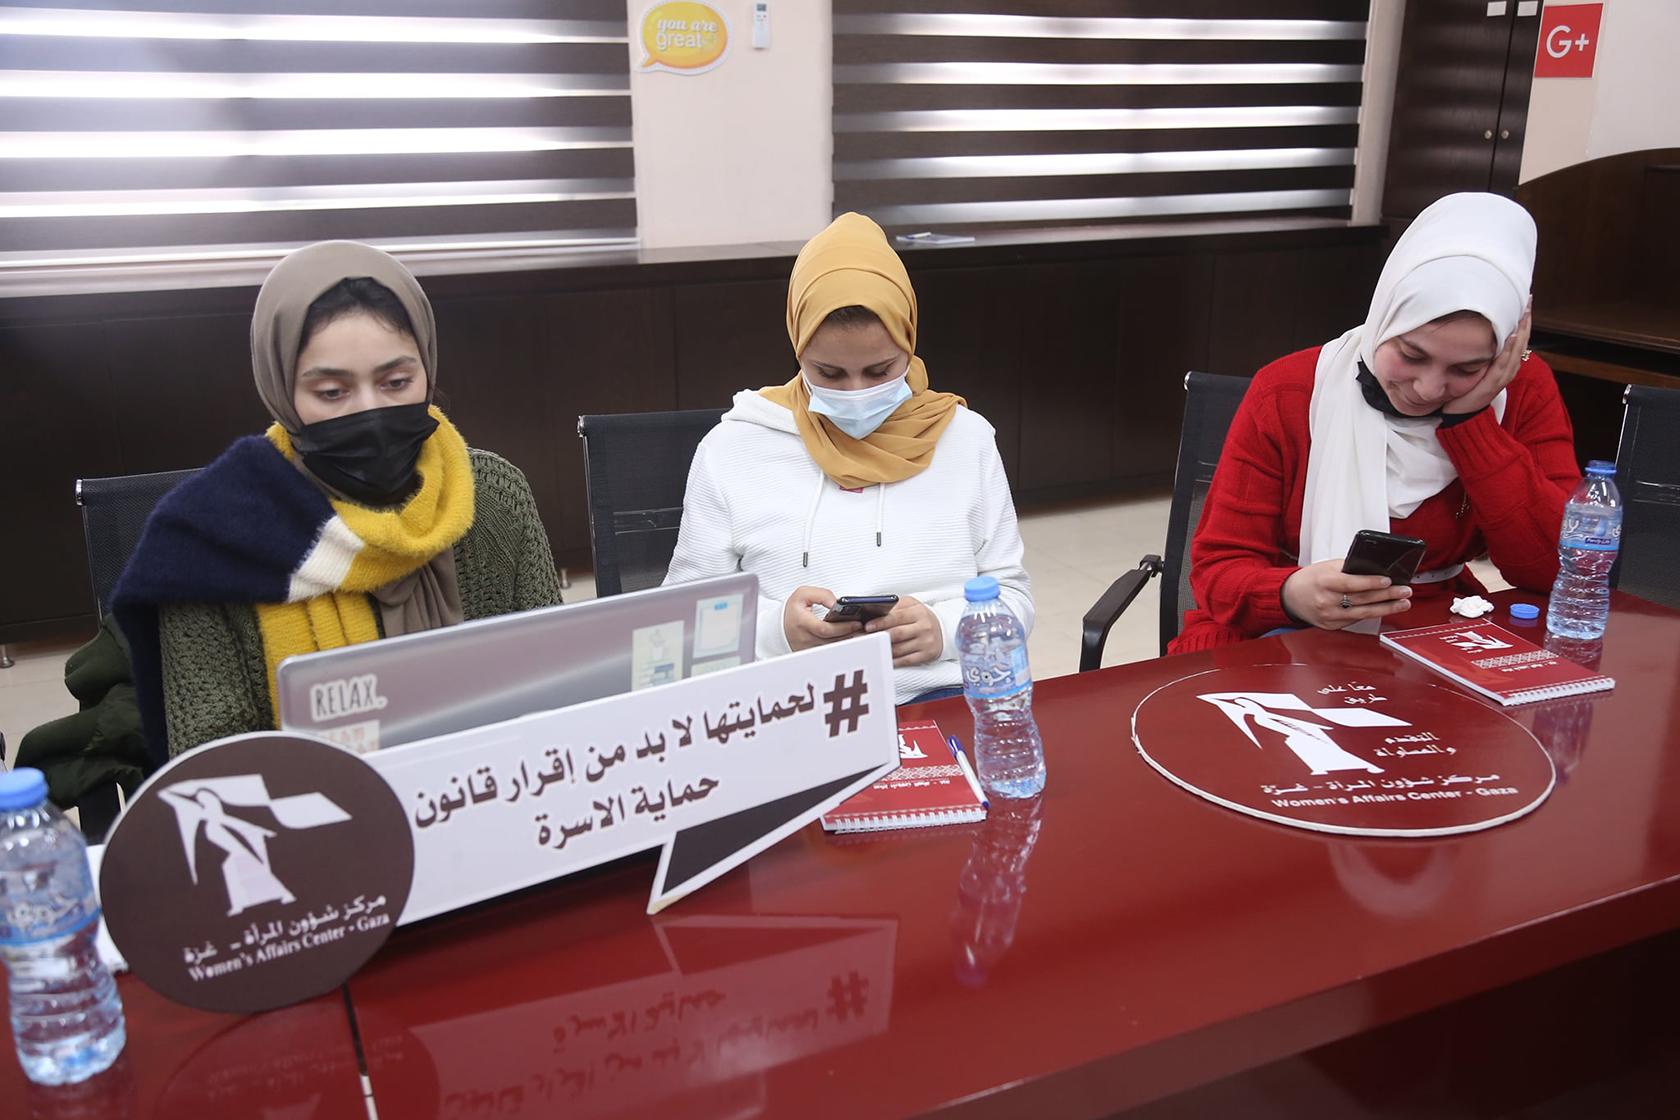 مركز شؤون المرأة ينفذ جلسة تغريد.